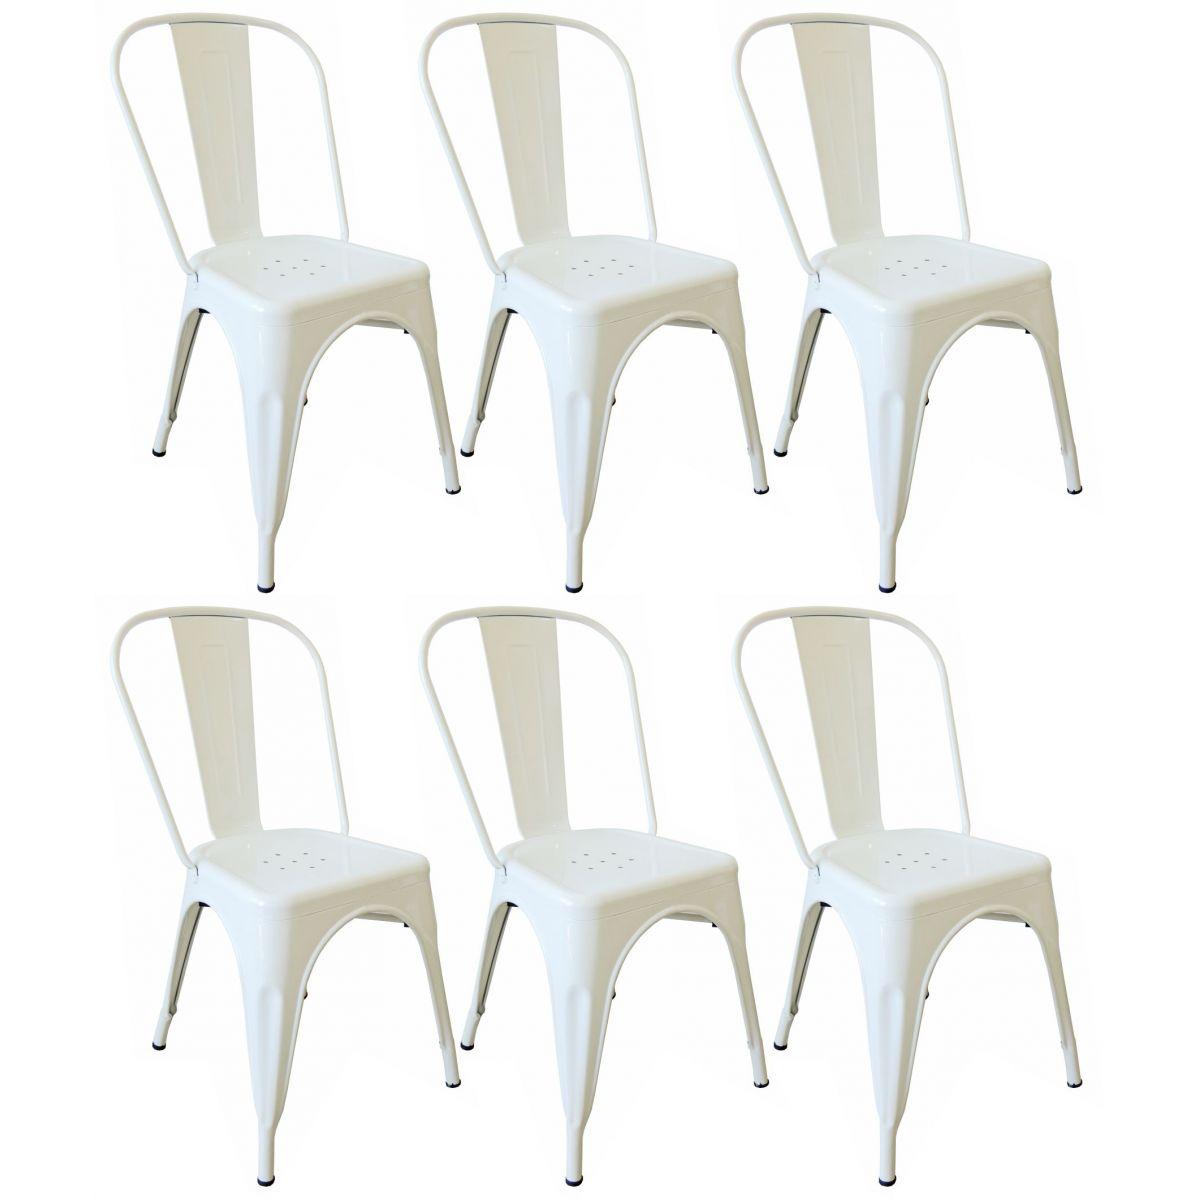 KIT 6 Cadeiras Design Tolix Metal Pelegrin PEL-1518 Cor Branca